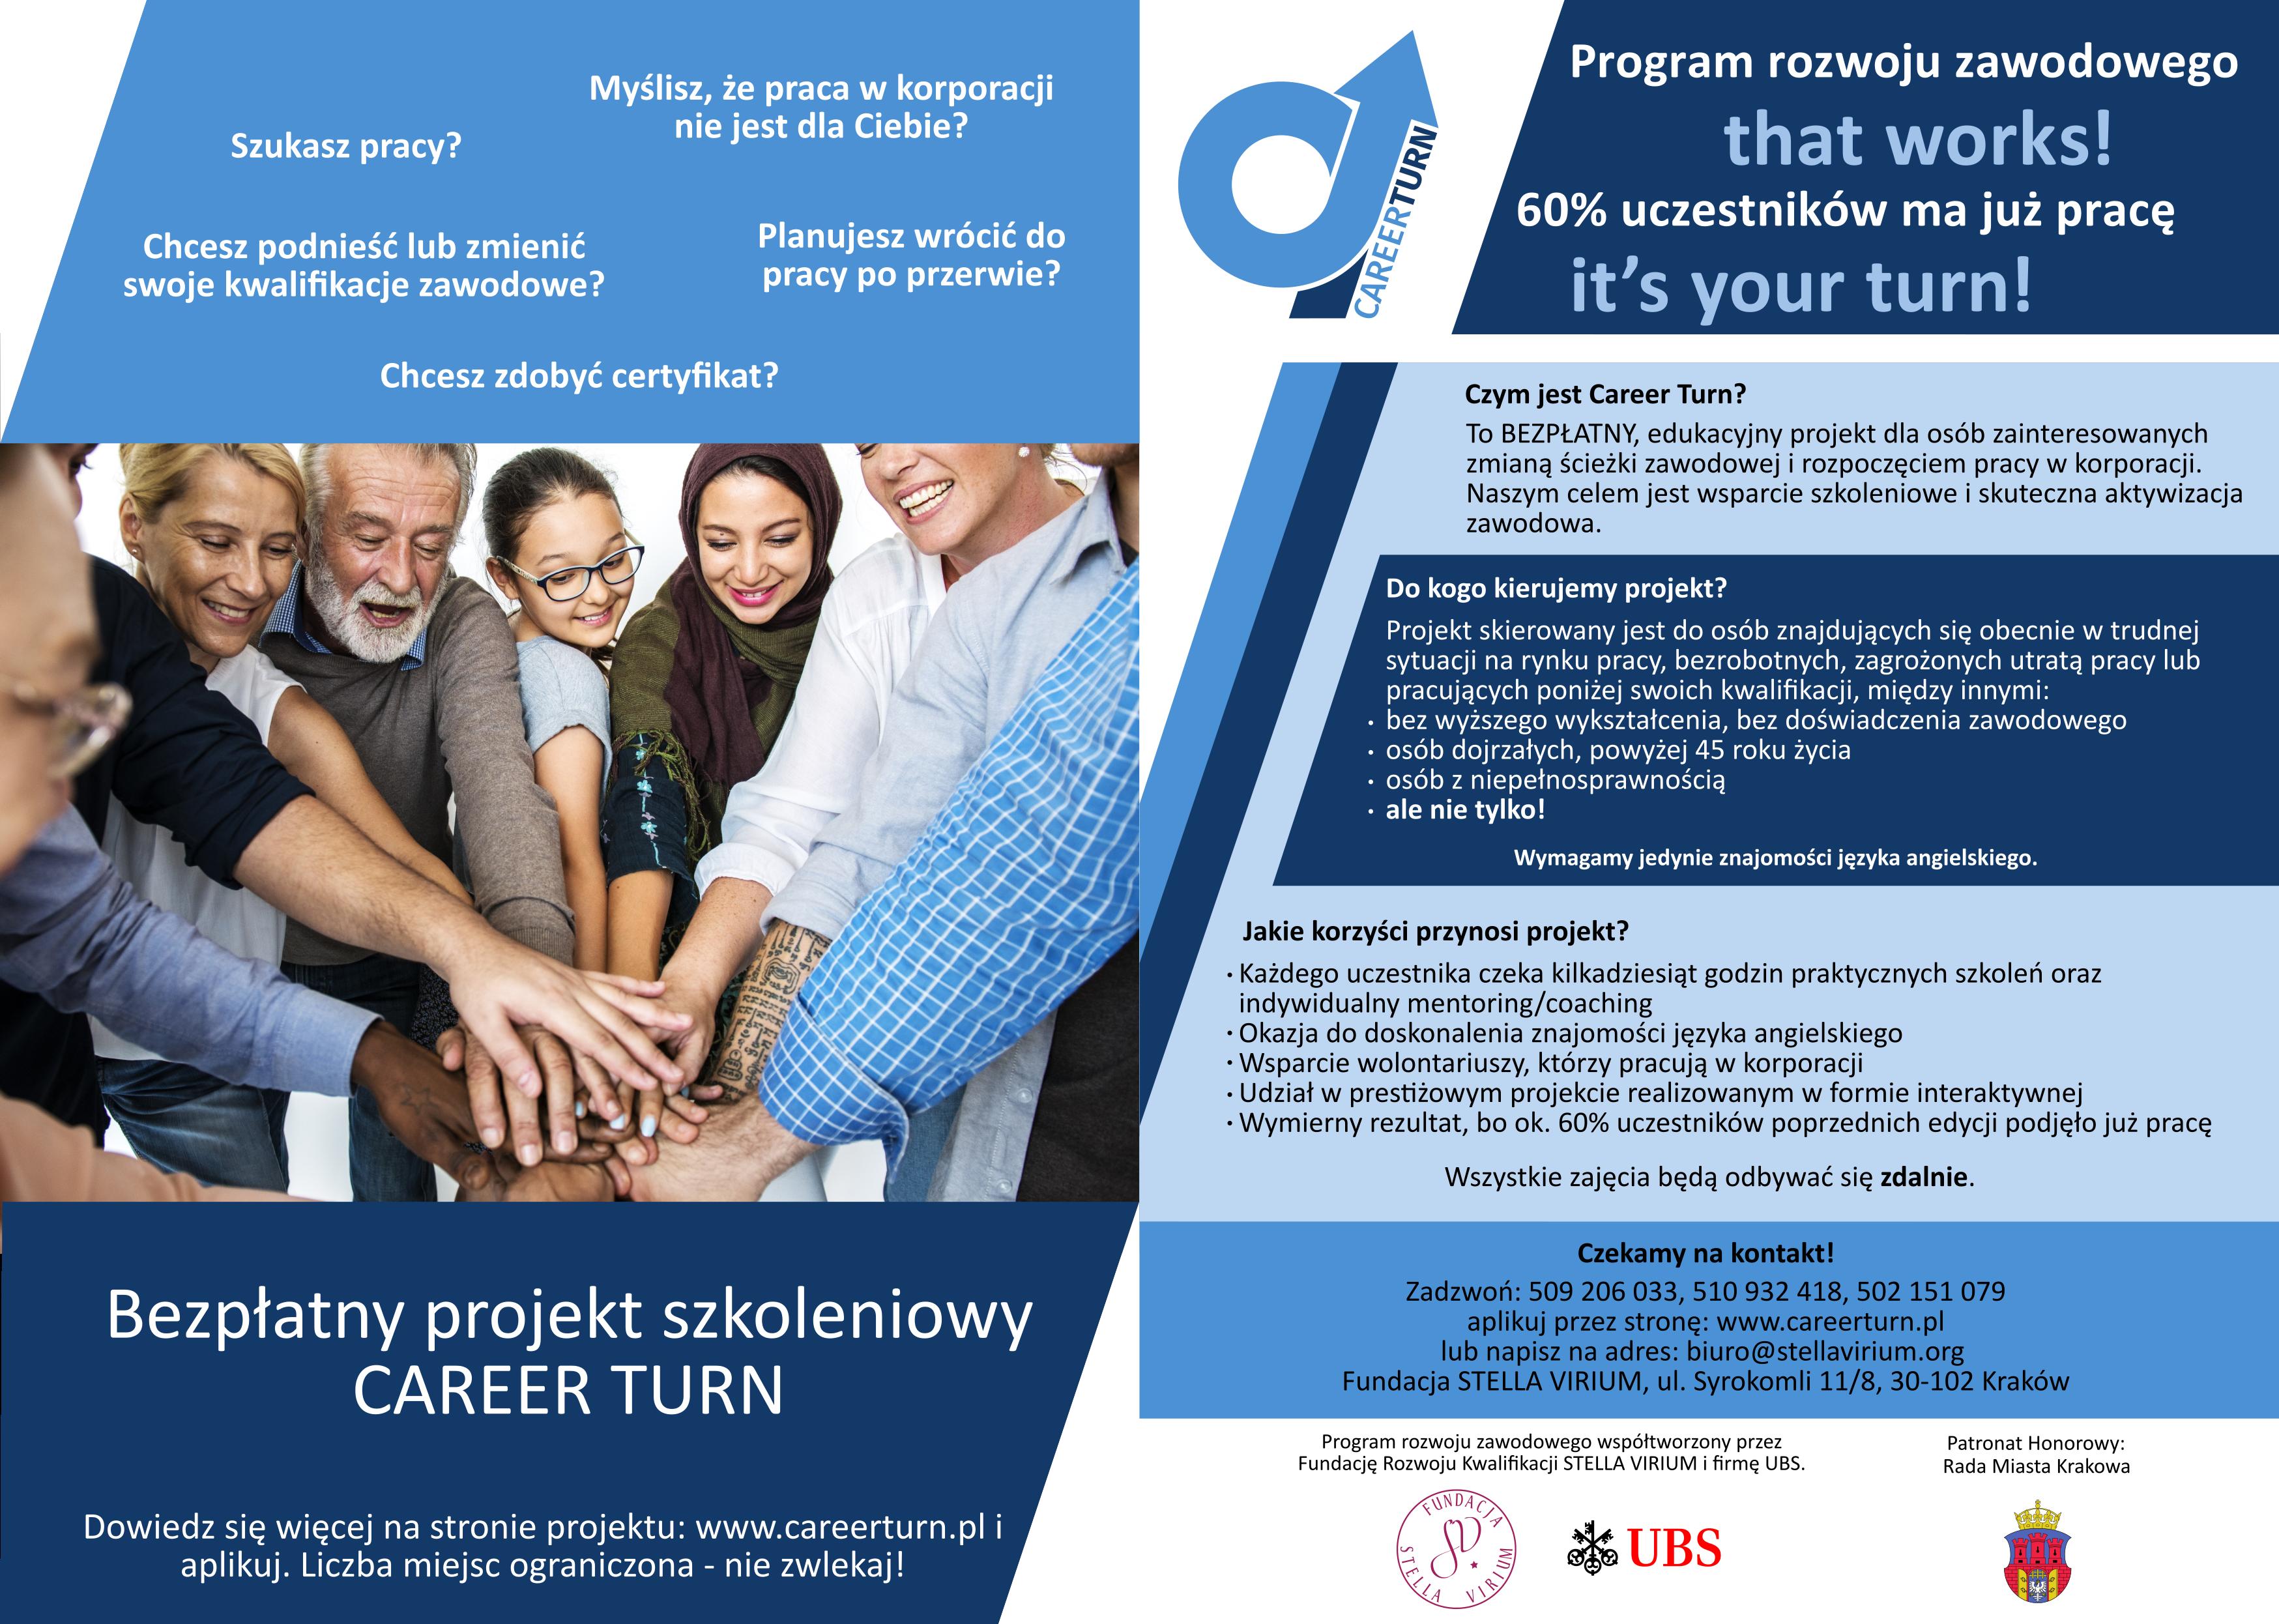 Projekt Career Turn - bezpłatne wsparcie skierowane do osób wchodzących na rynek pracy lub mających trudności z podjęciem zatrudnienia.